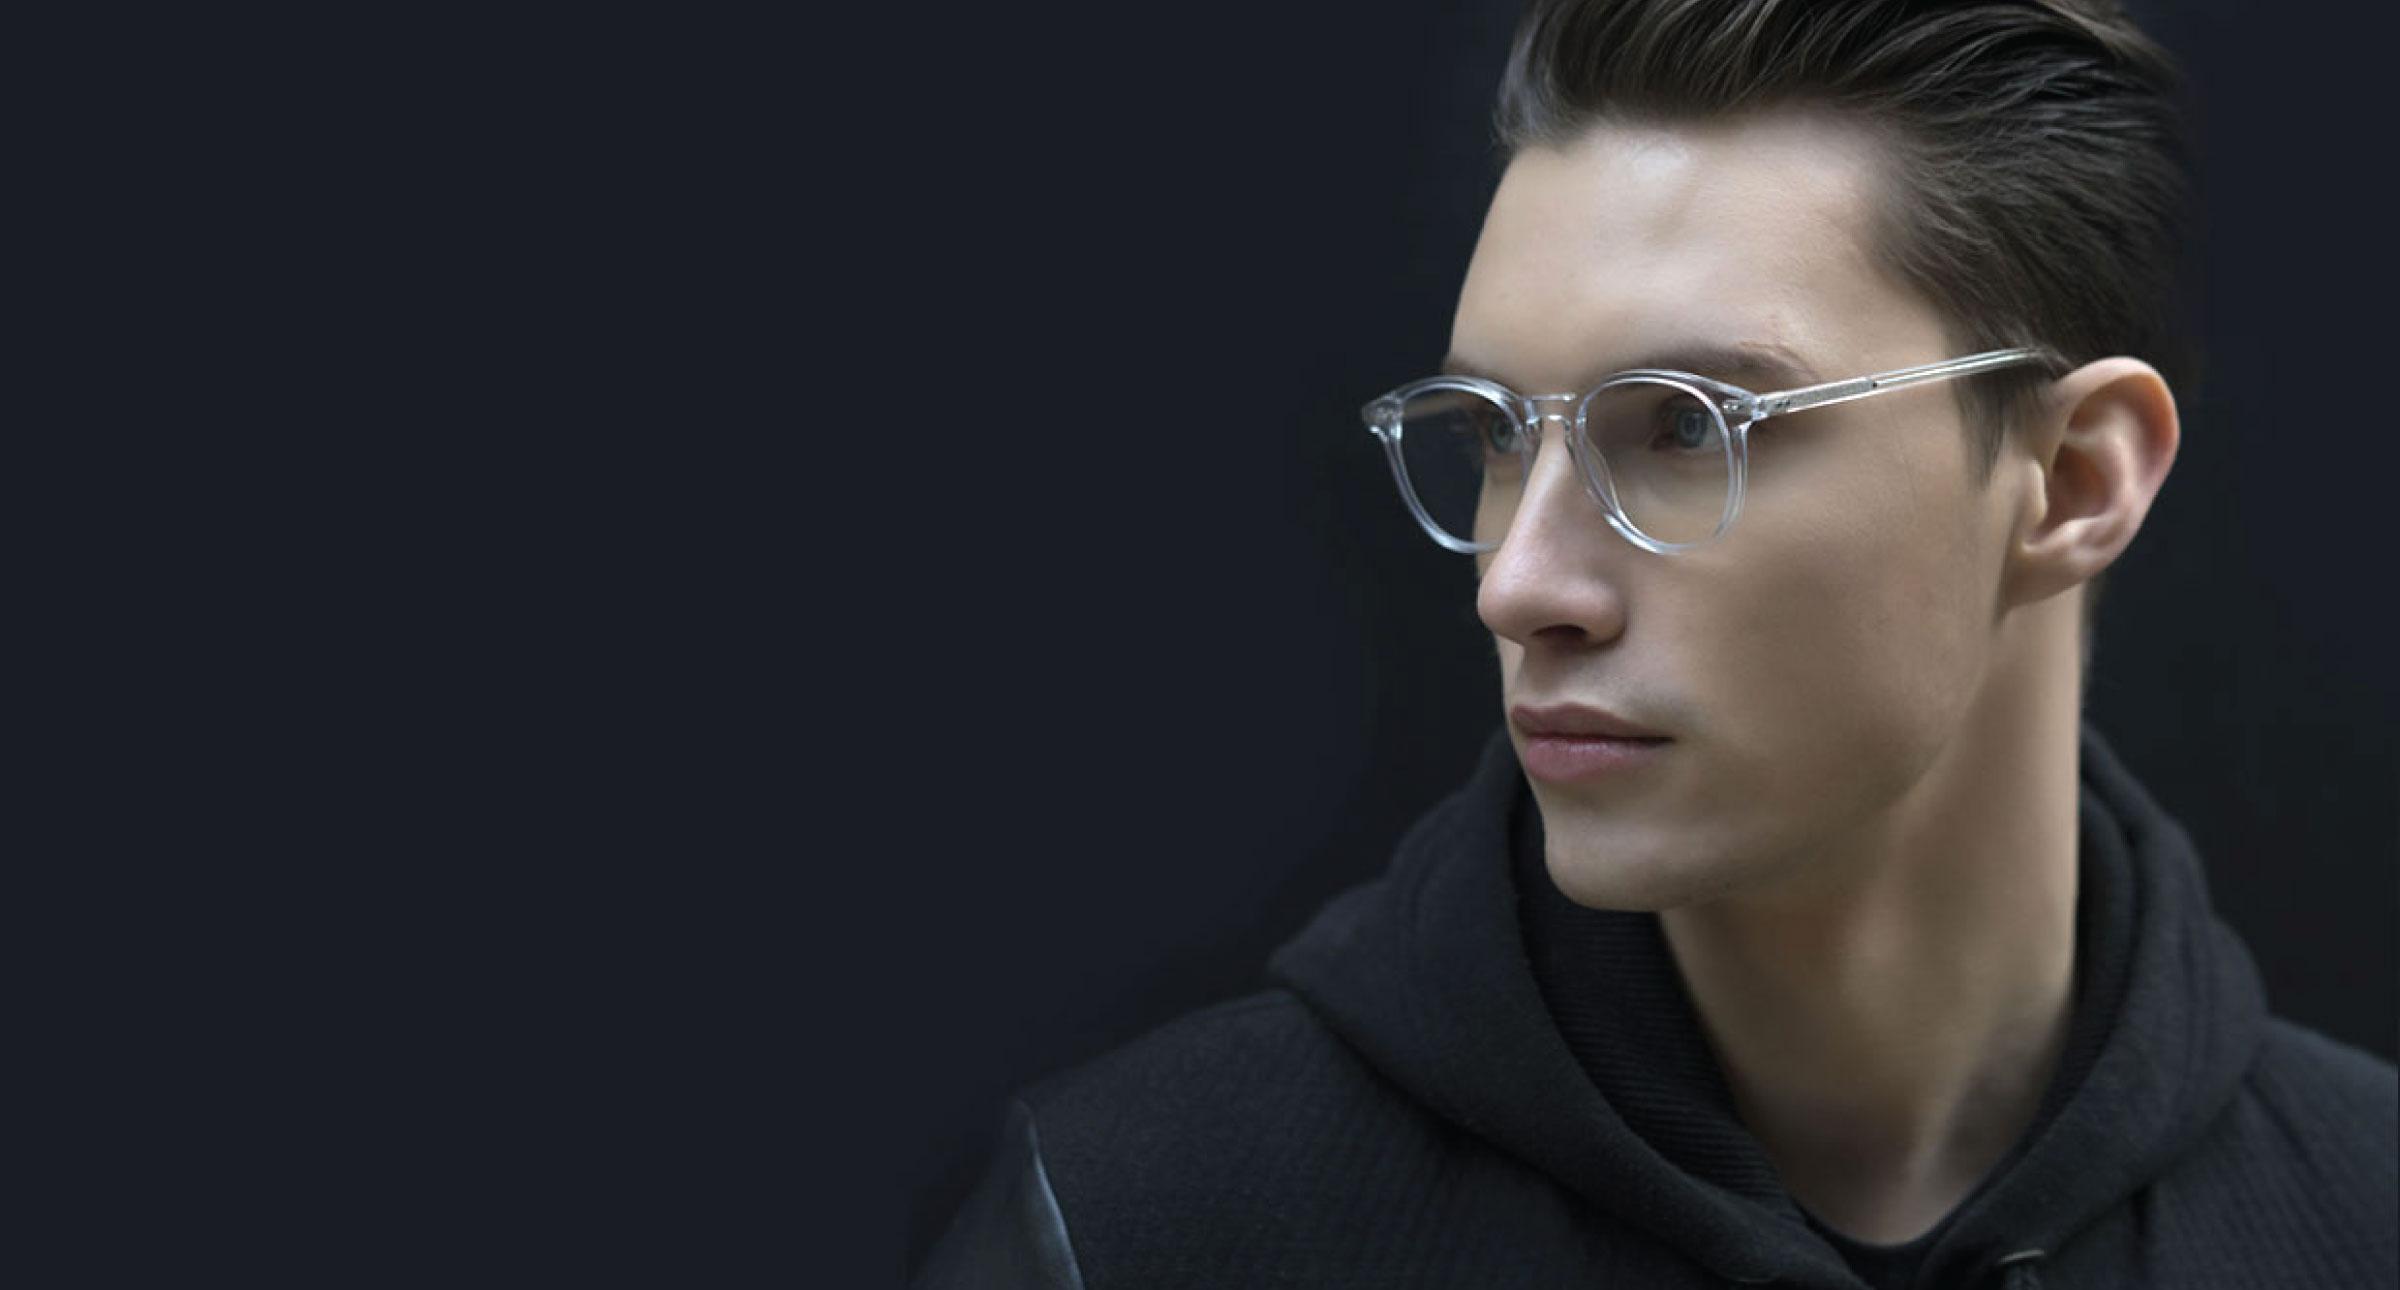 5f6f9af02f1 EyeBuyDirect Glasses Review 2019 — Eyebasic